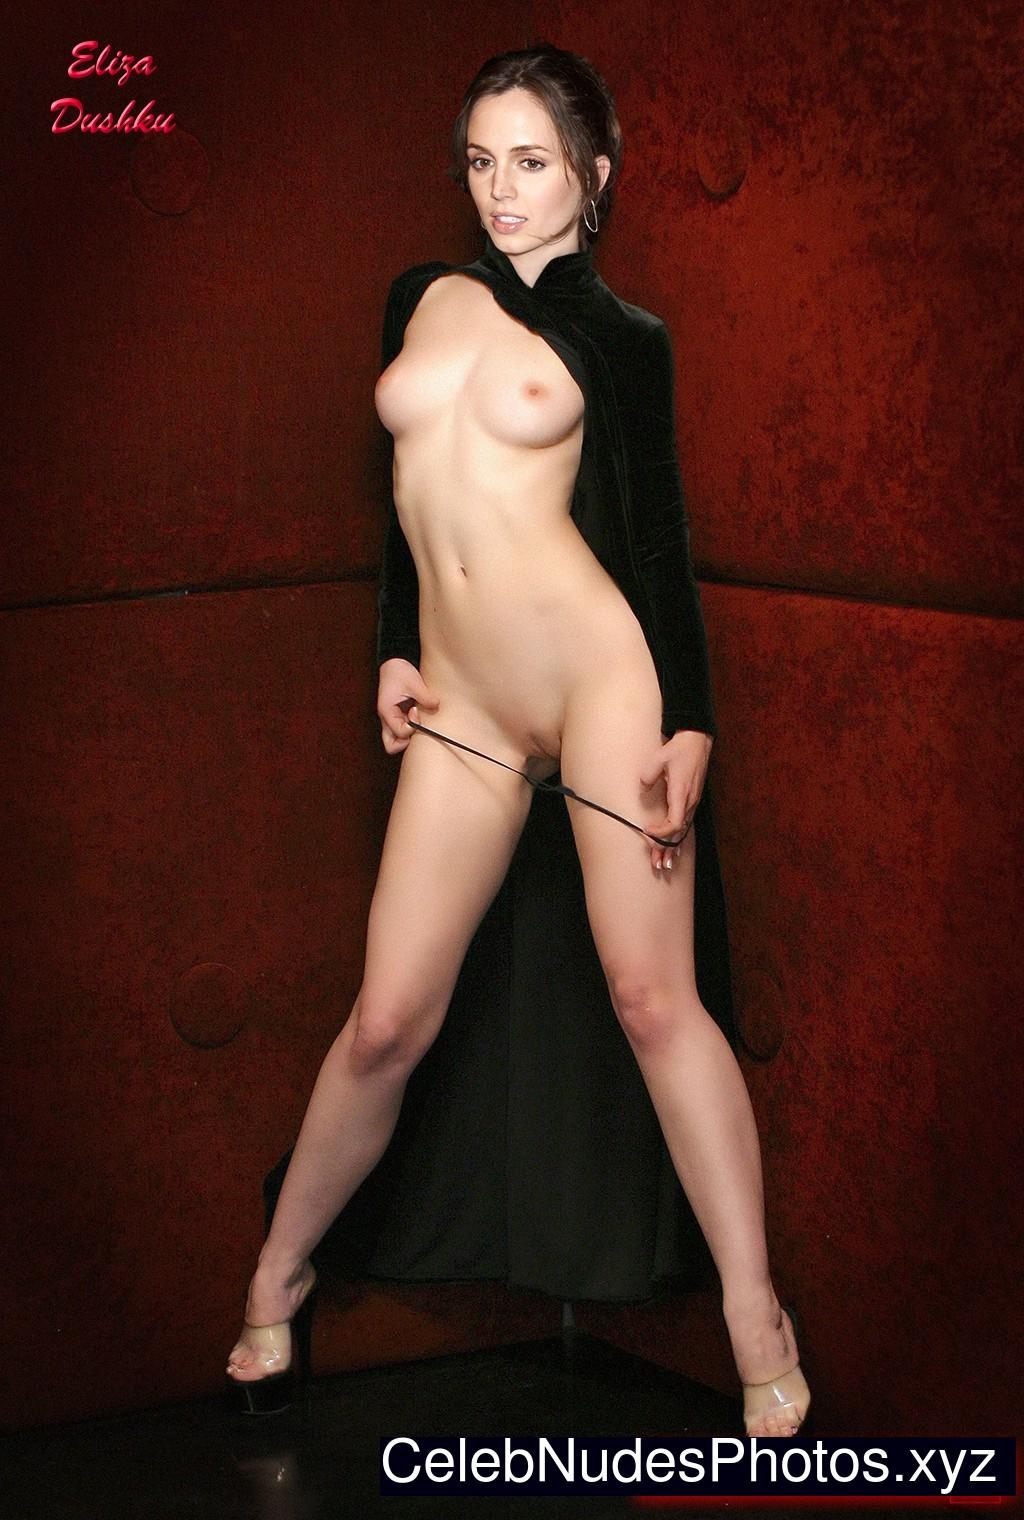 Eliza Dushku Famous Nude sexy 25